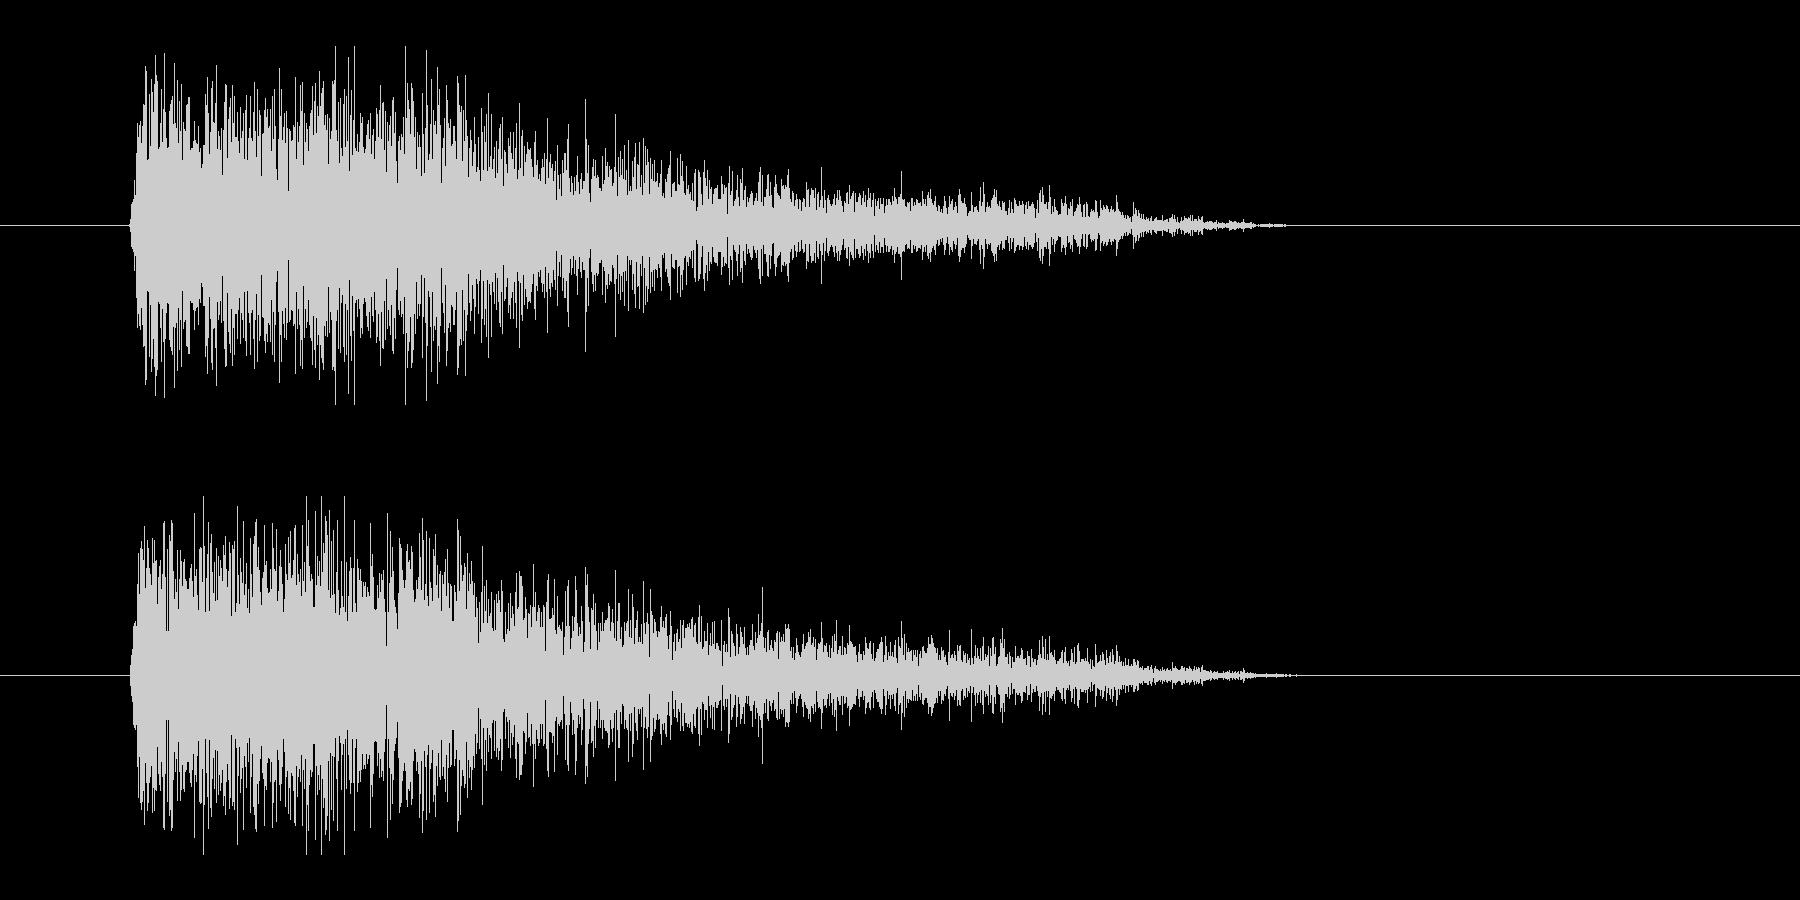 レーザー音-91-3の未再生の波形